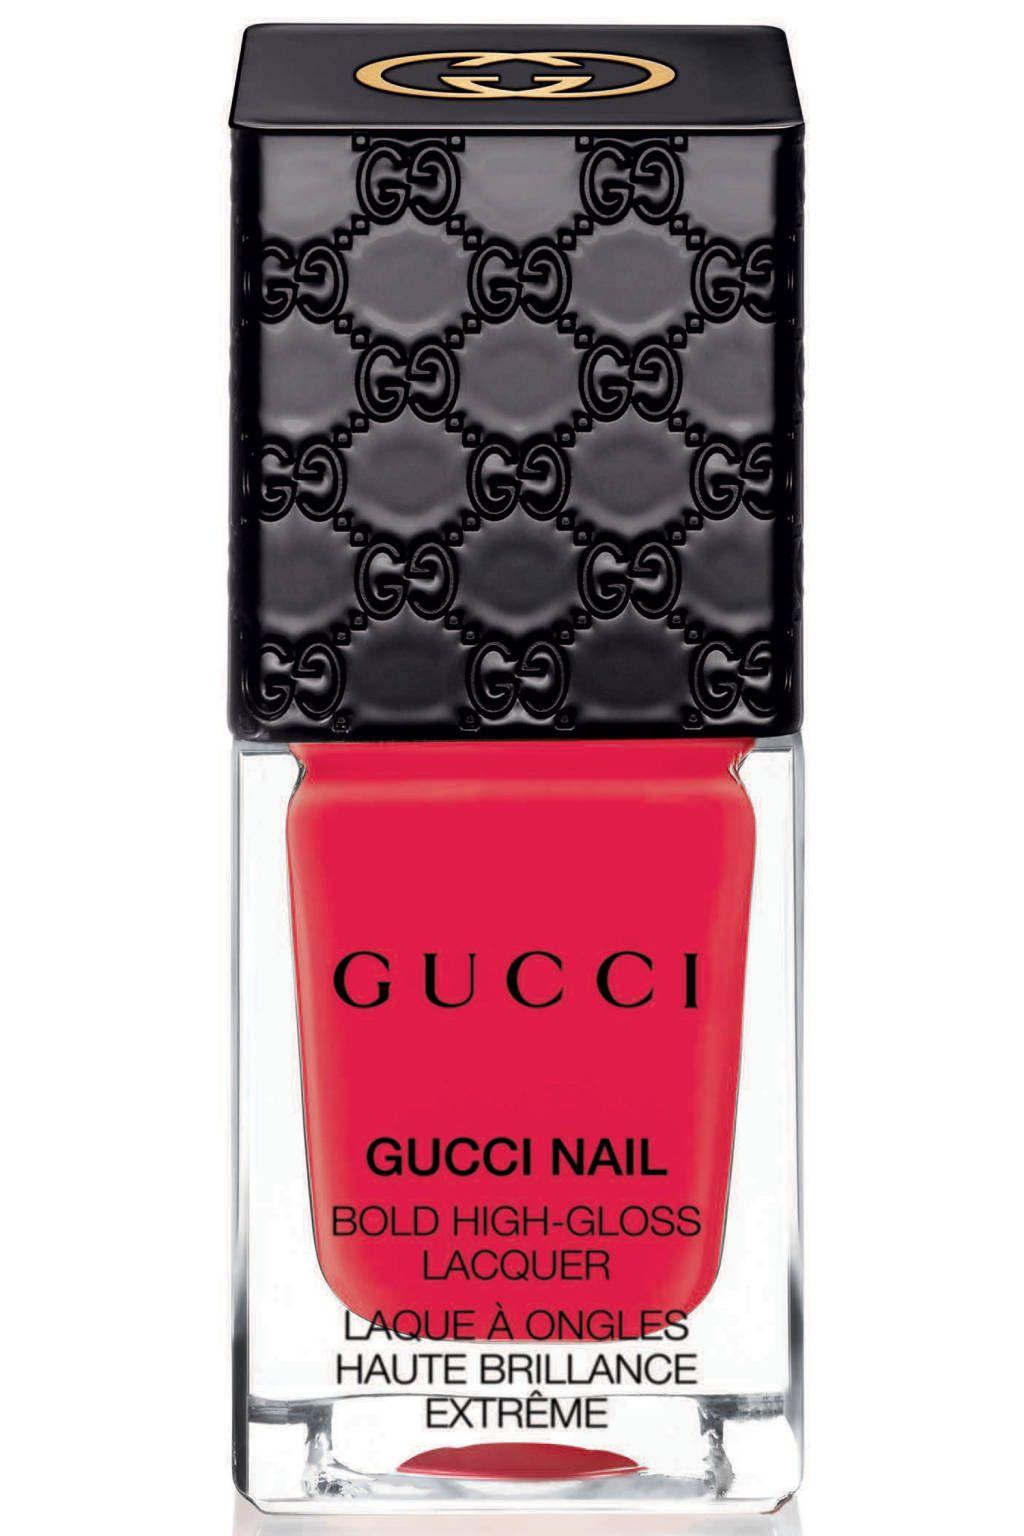 smalto gucci ardor - STYLE FACTOR http://www.stylefactor.it/wordpress/smalti-gucci-cosmetics-a-i-2014-2015-tutti-i-colori-anteprima/